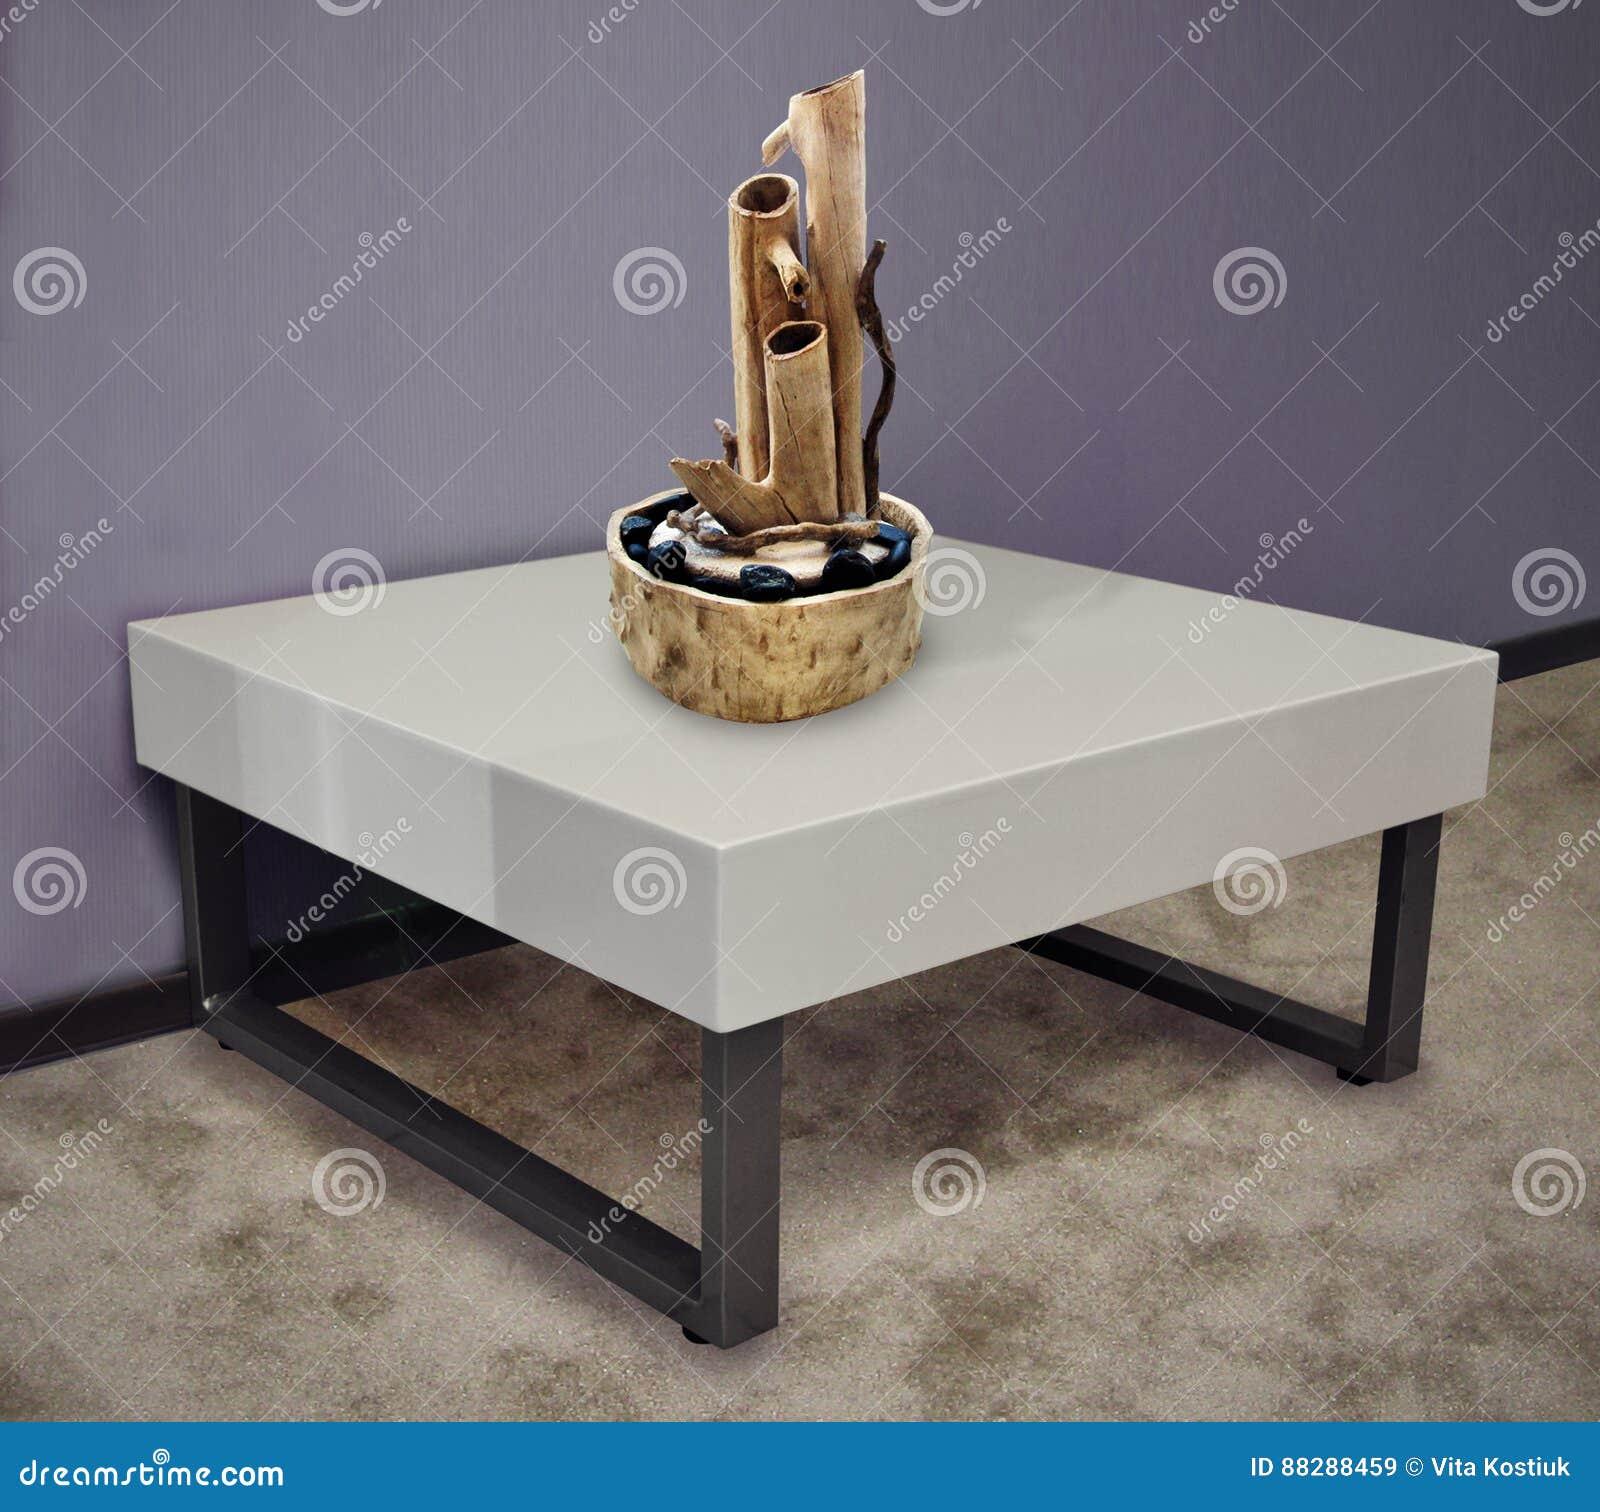 Table Basse En Plastique Dans L Interieur Image Stock